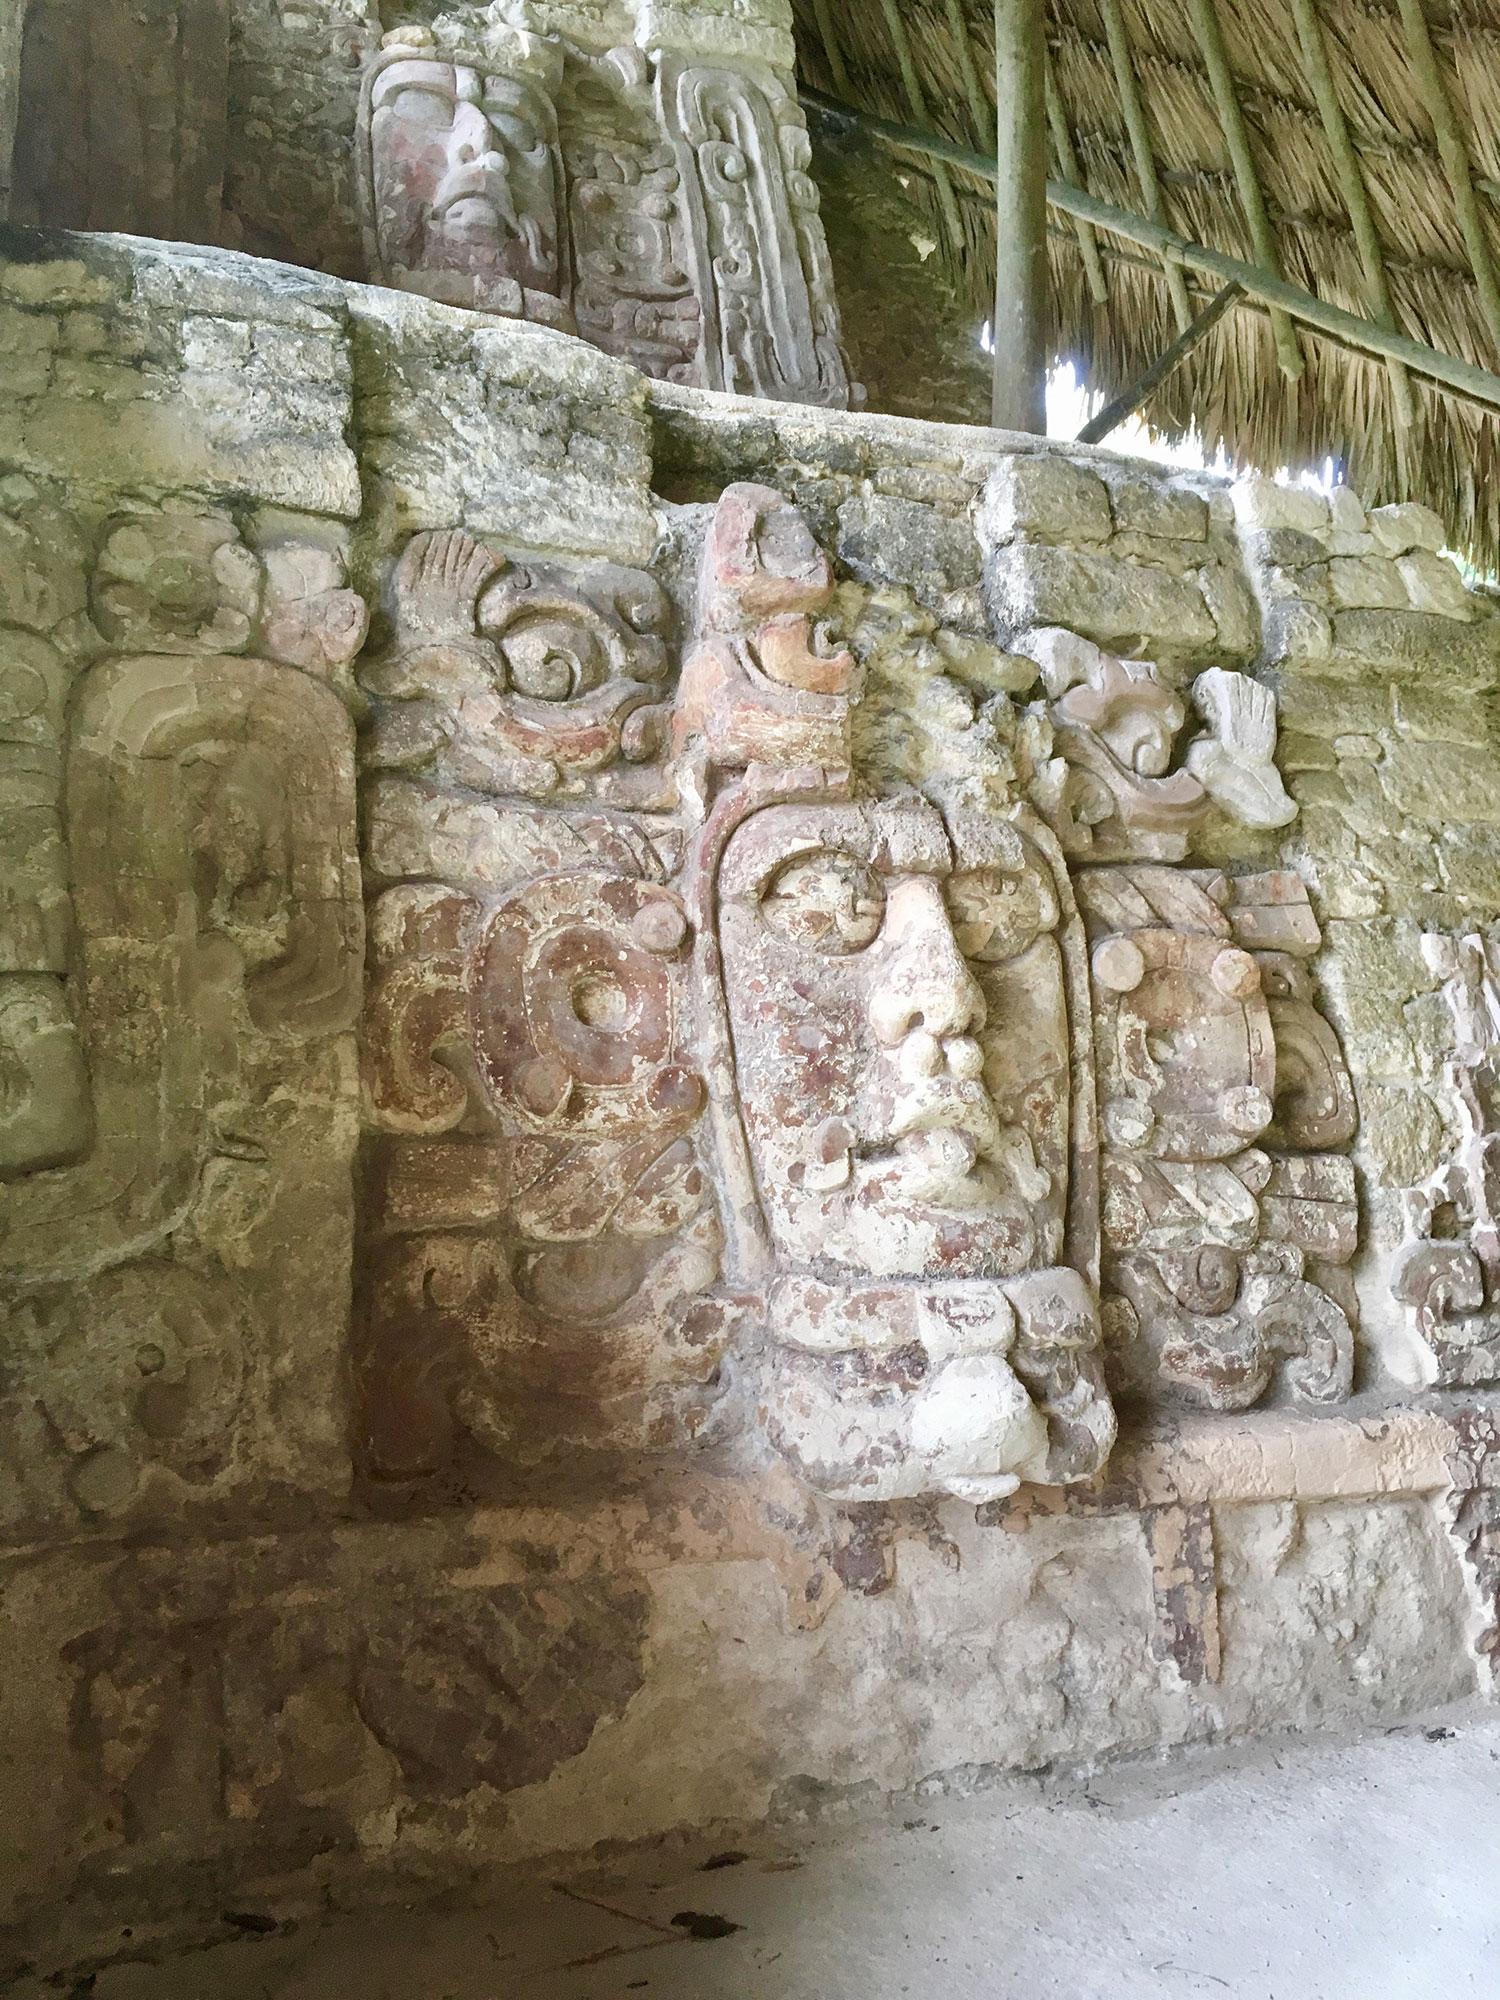 Hammocks_and_Ruins_What_to_Do_Yucatan_Mexico_pyramid_Maya_Kohunlich_24.jpg